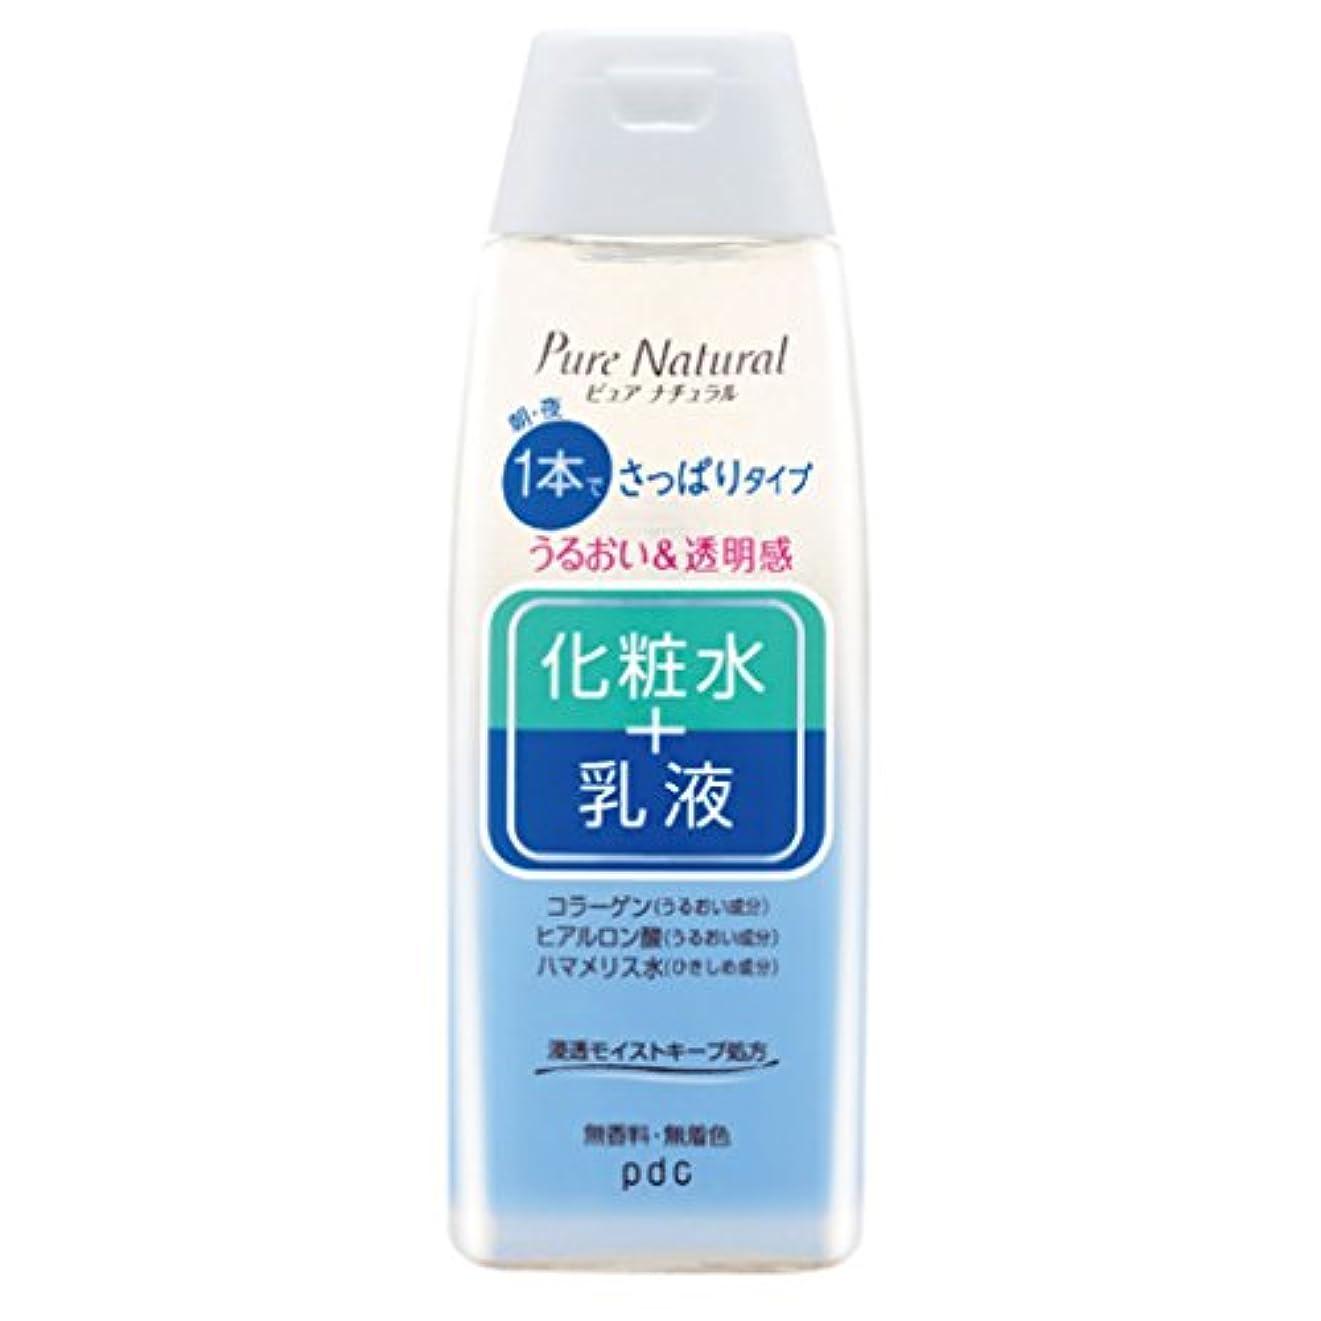 共産主義者フロンティア聴覚Pure NATURAL(ピュアナチュラル) エッセンスローションライト 210ml